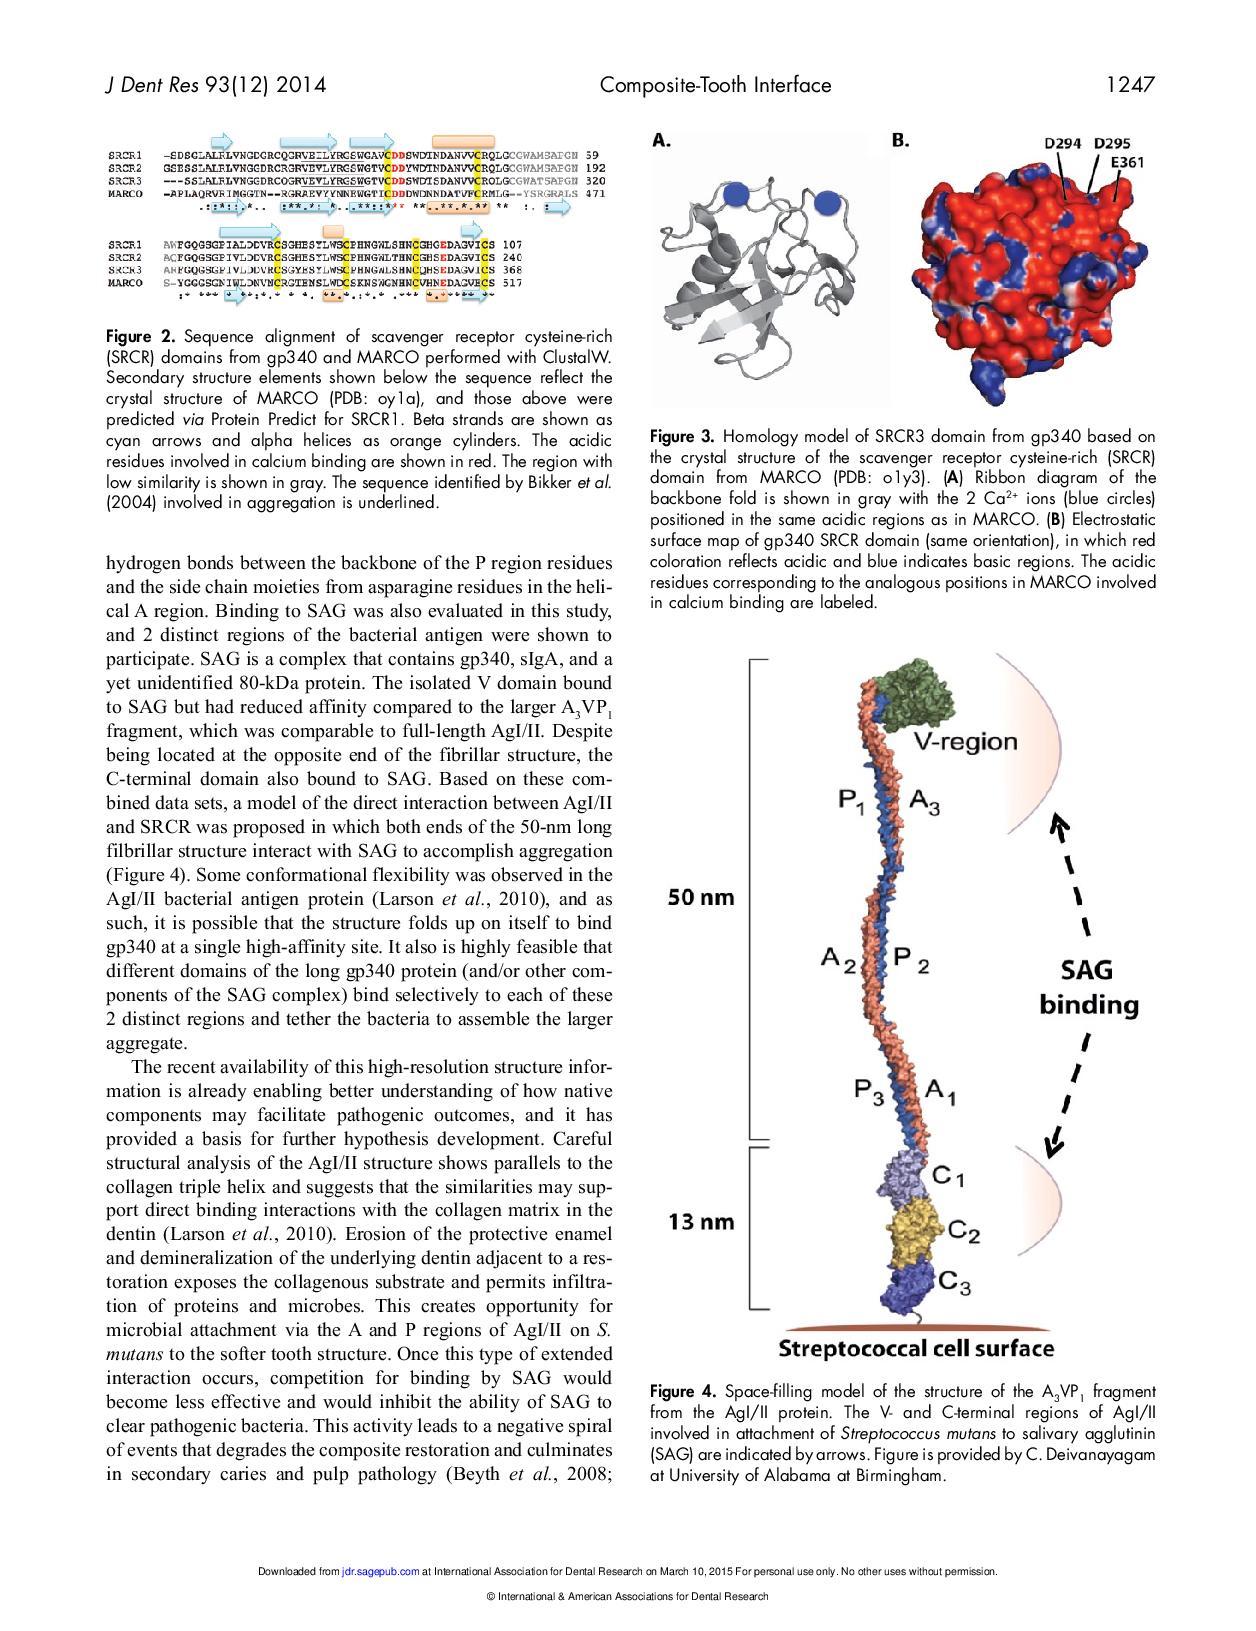 J DENT RES-2014-Spencer-1243-9-page-005